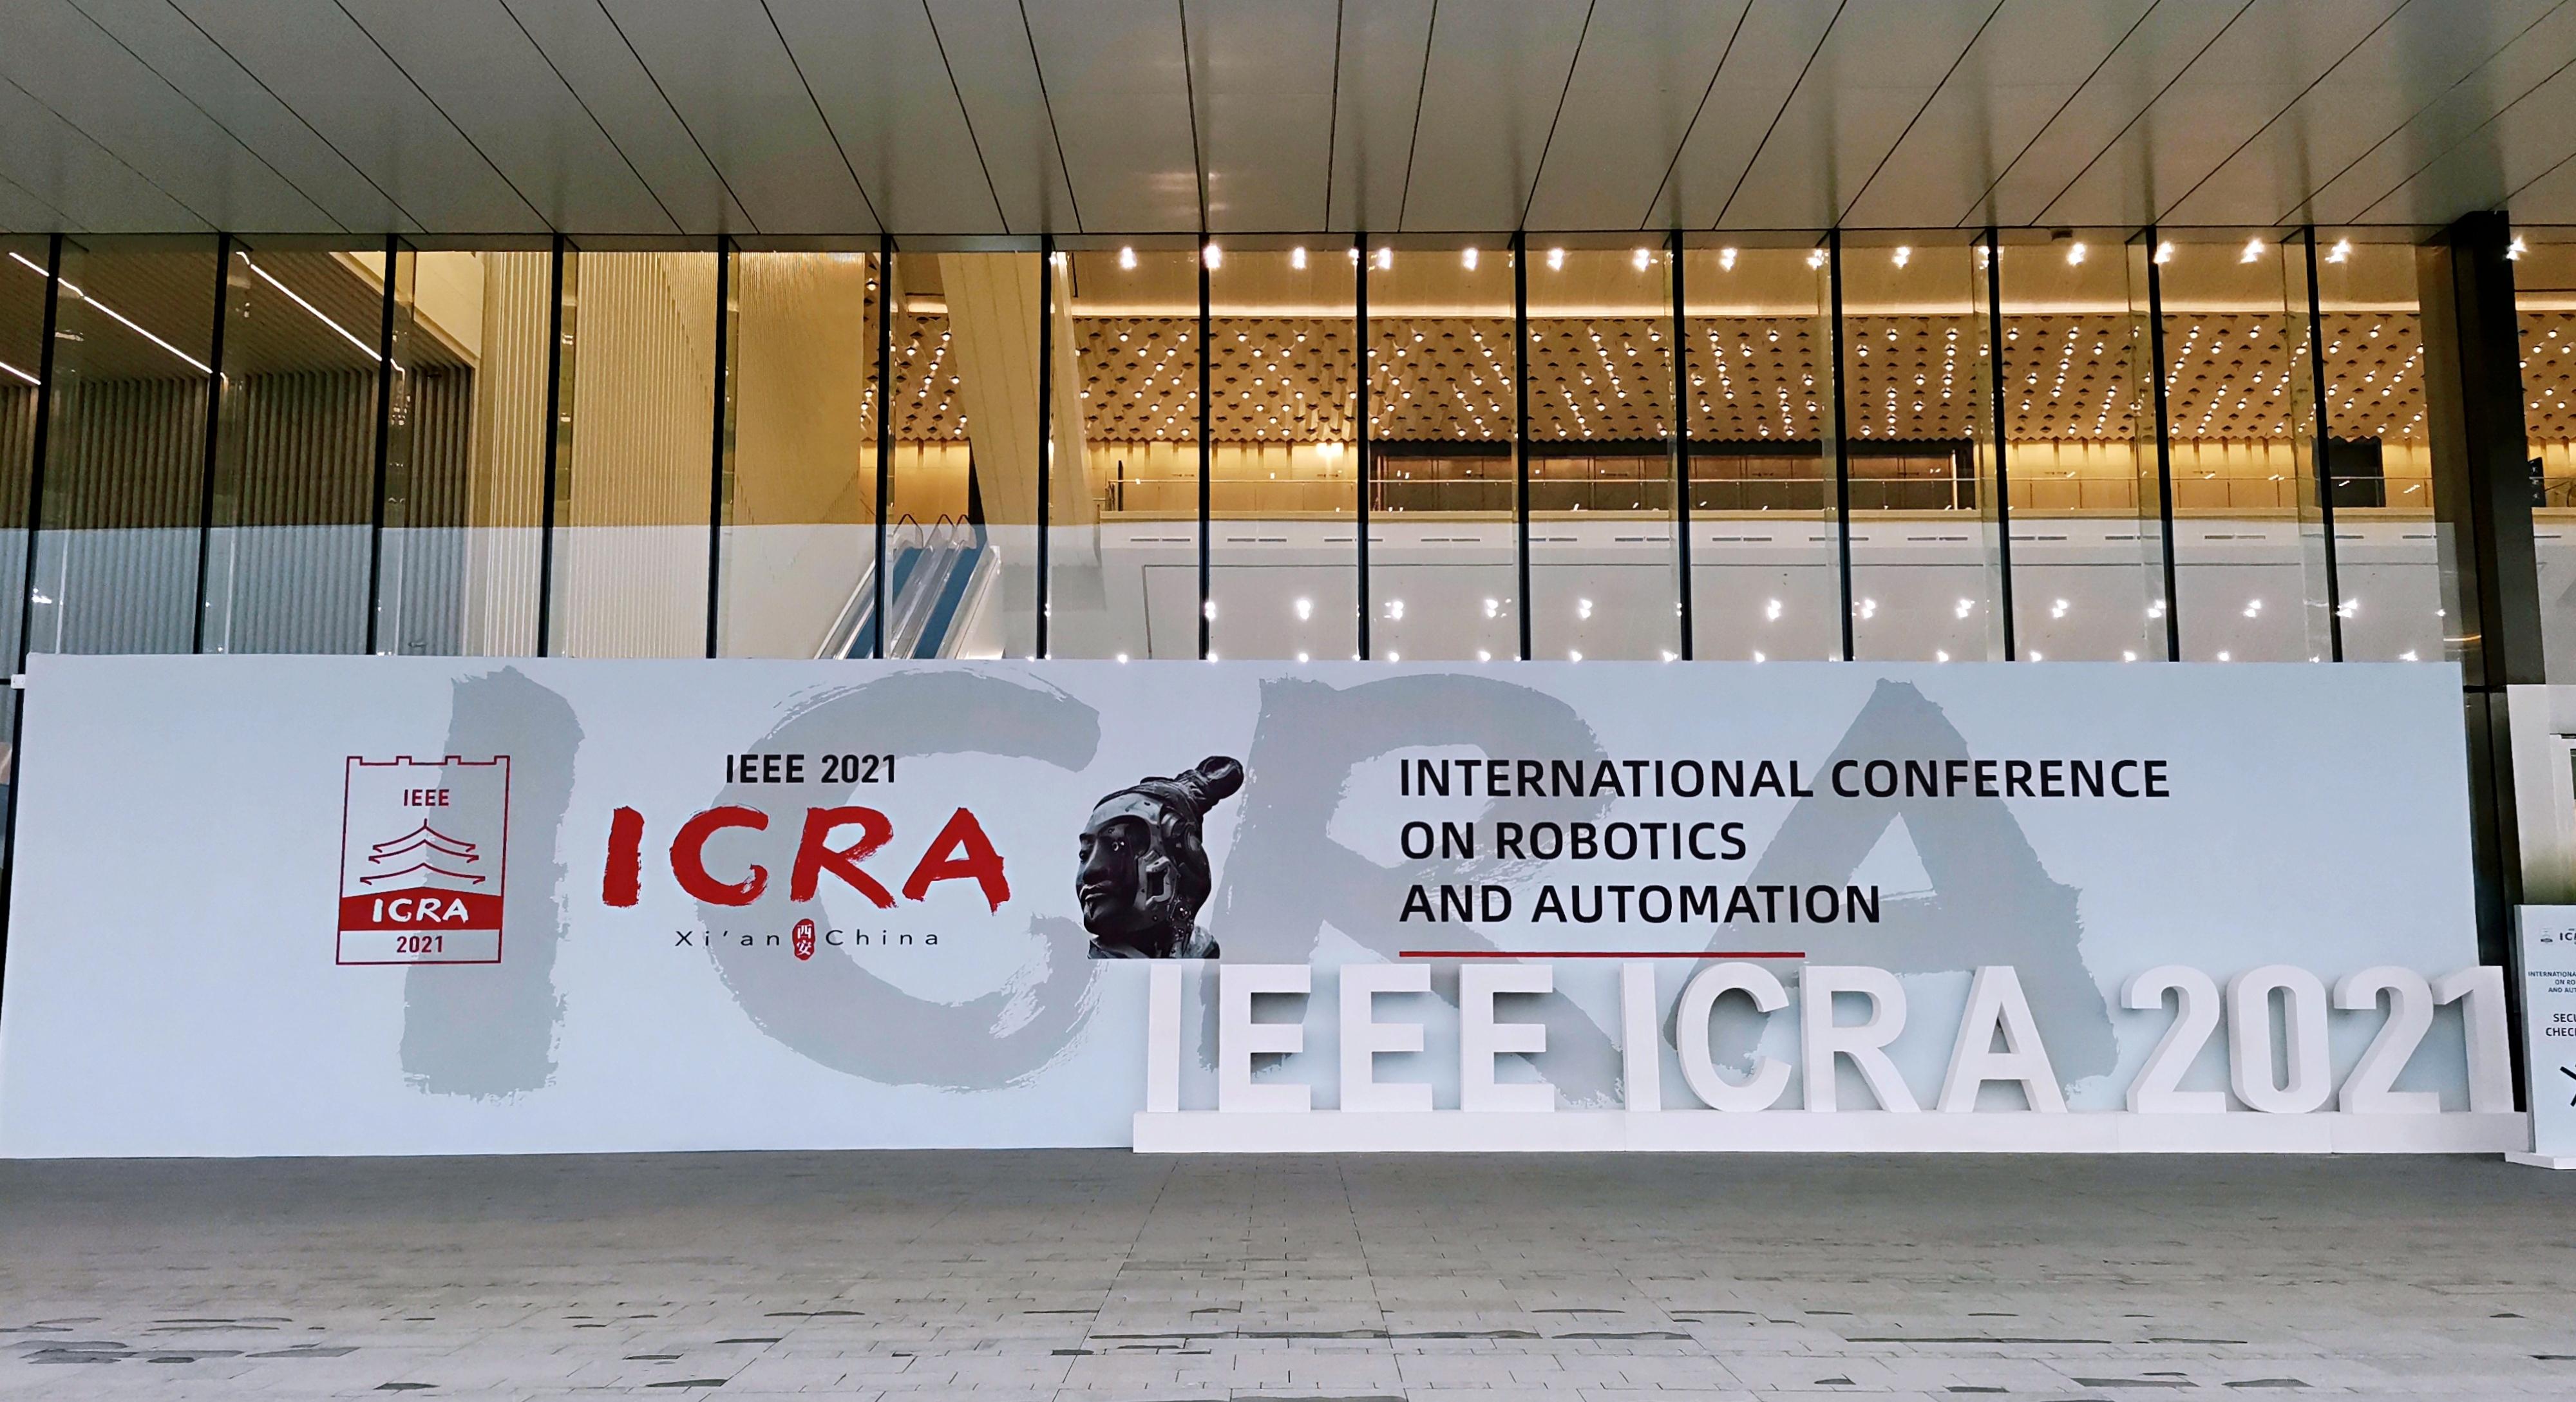 机器人领域顶级学术会议ICRA 2021开幕,金牌赞助商梅卡曼德邀您共聚西安